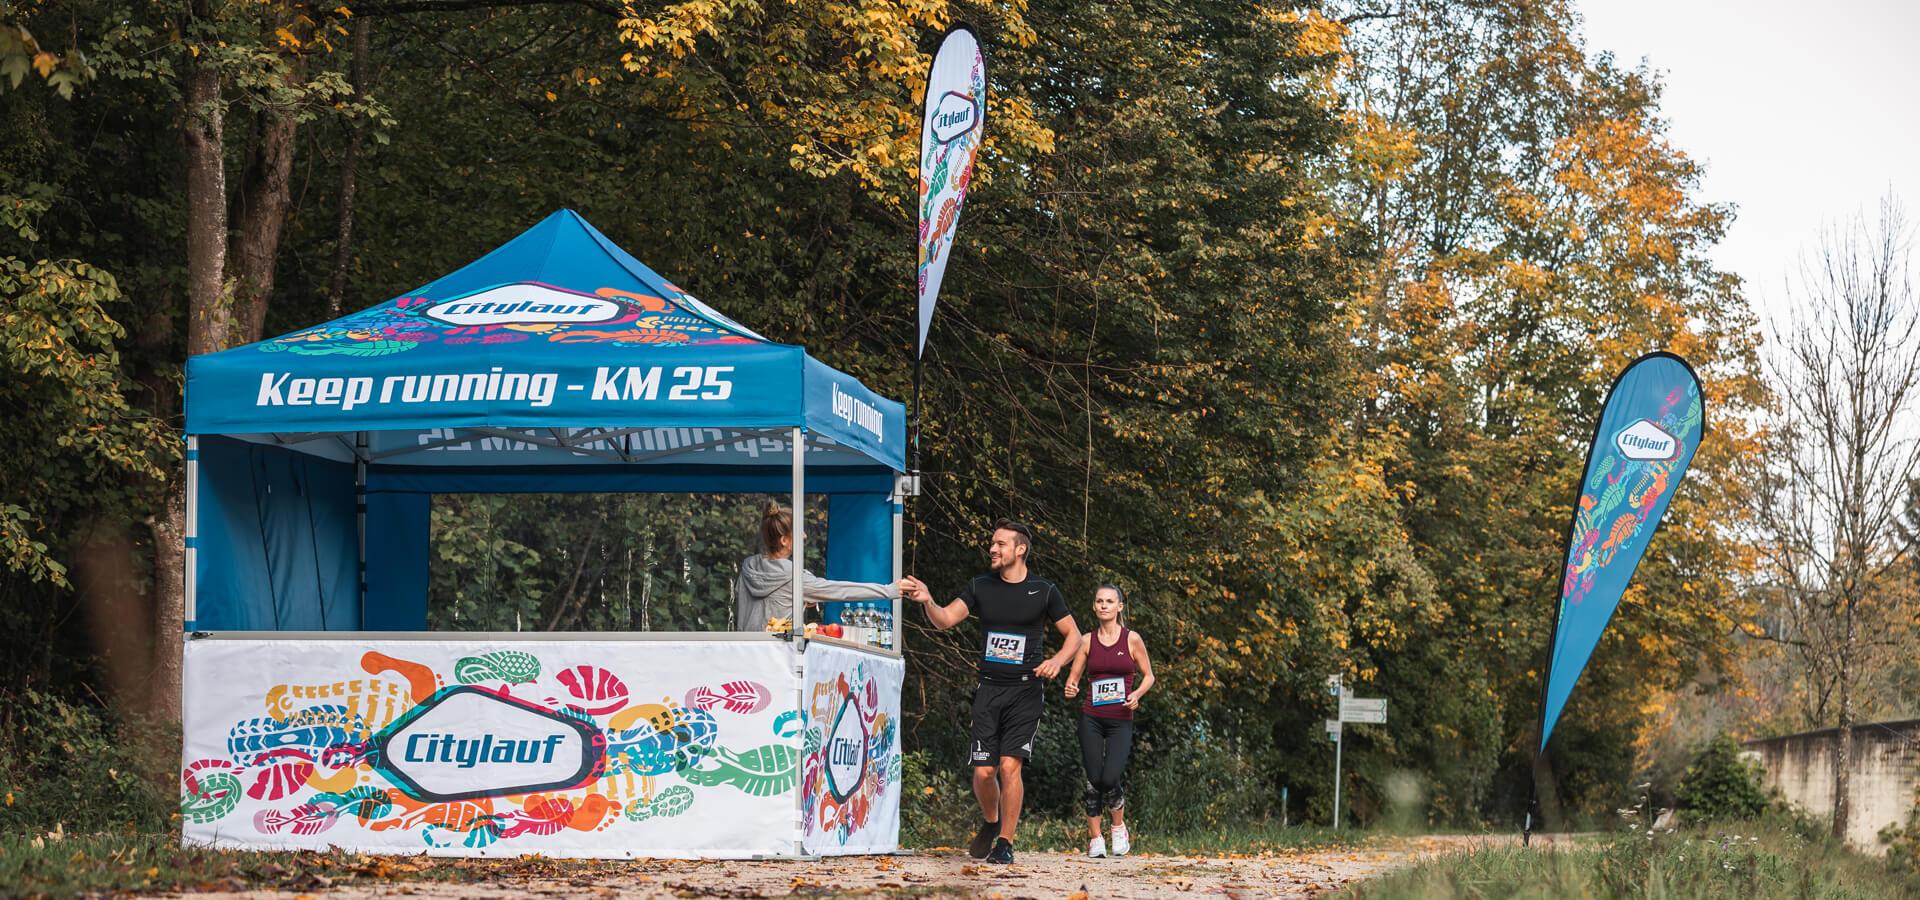 Bunt bedrucktes Promotionzelt wird als Verpflegungsstation bei einem Marathon genutzt. Zwei Läufer rennen daran vorbei und nehmen sich eine Banane zur Stärkung.